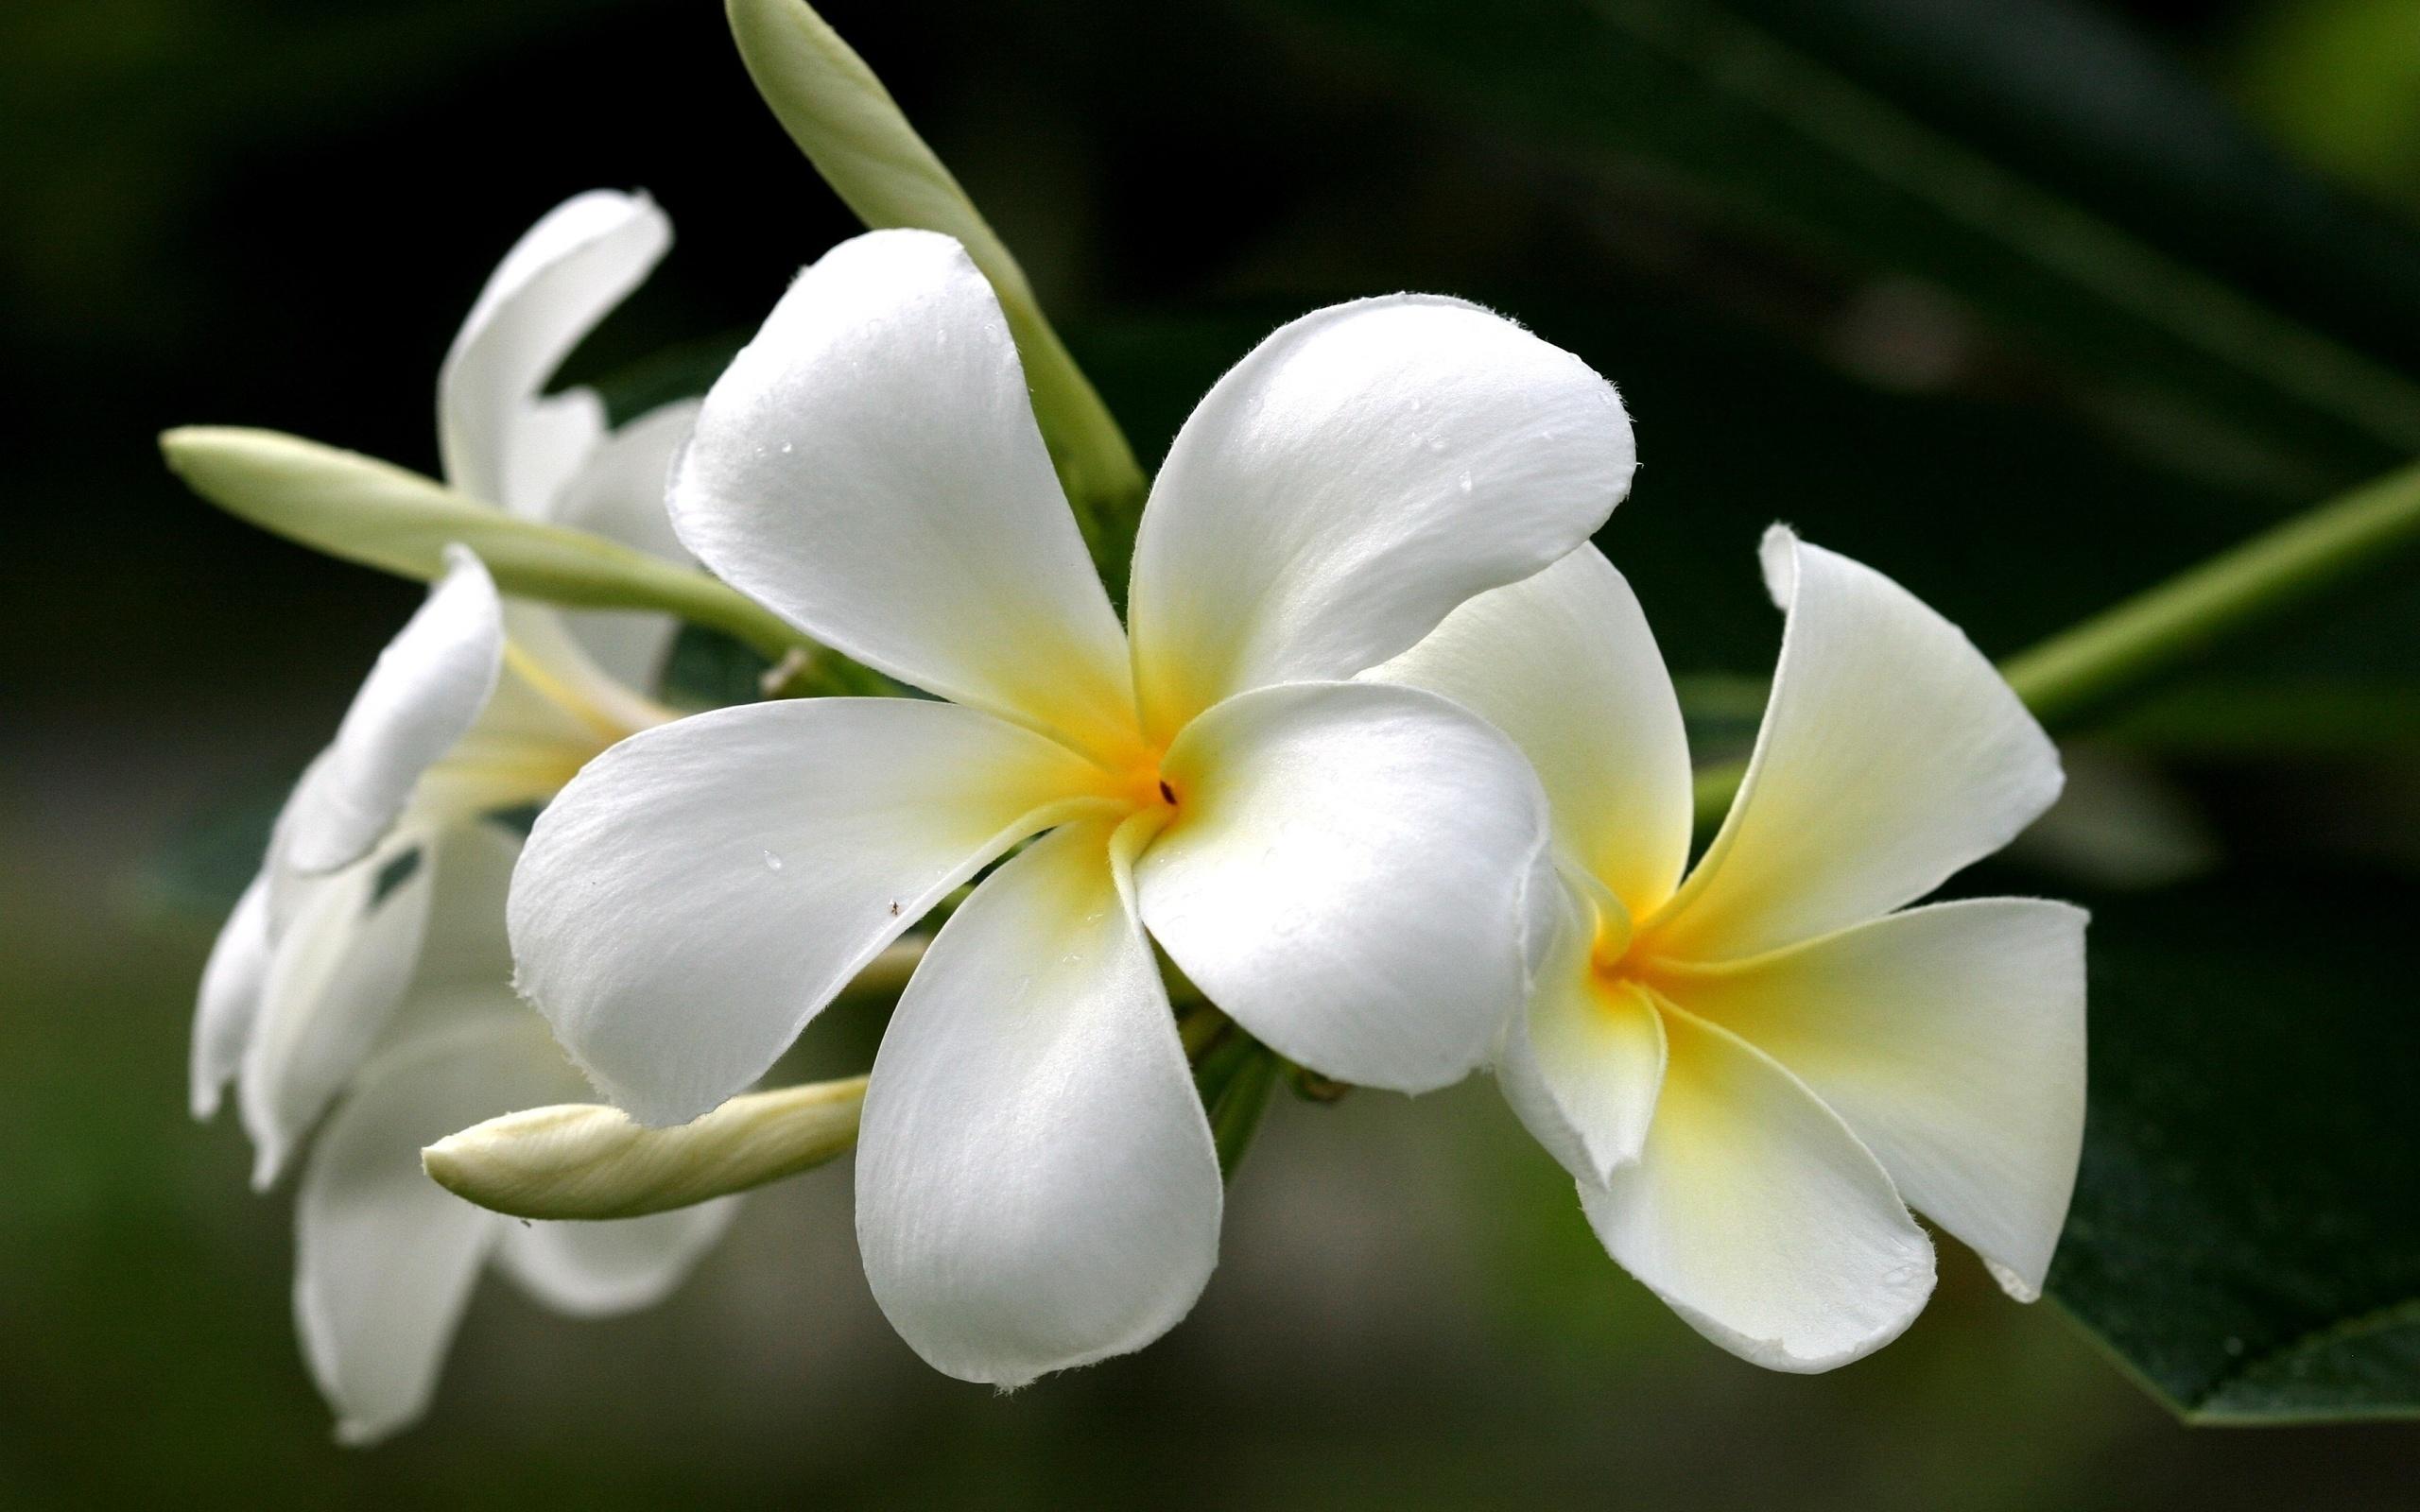 Цветы франжипани в алмате купить